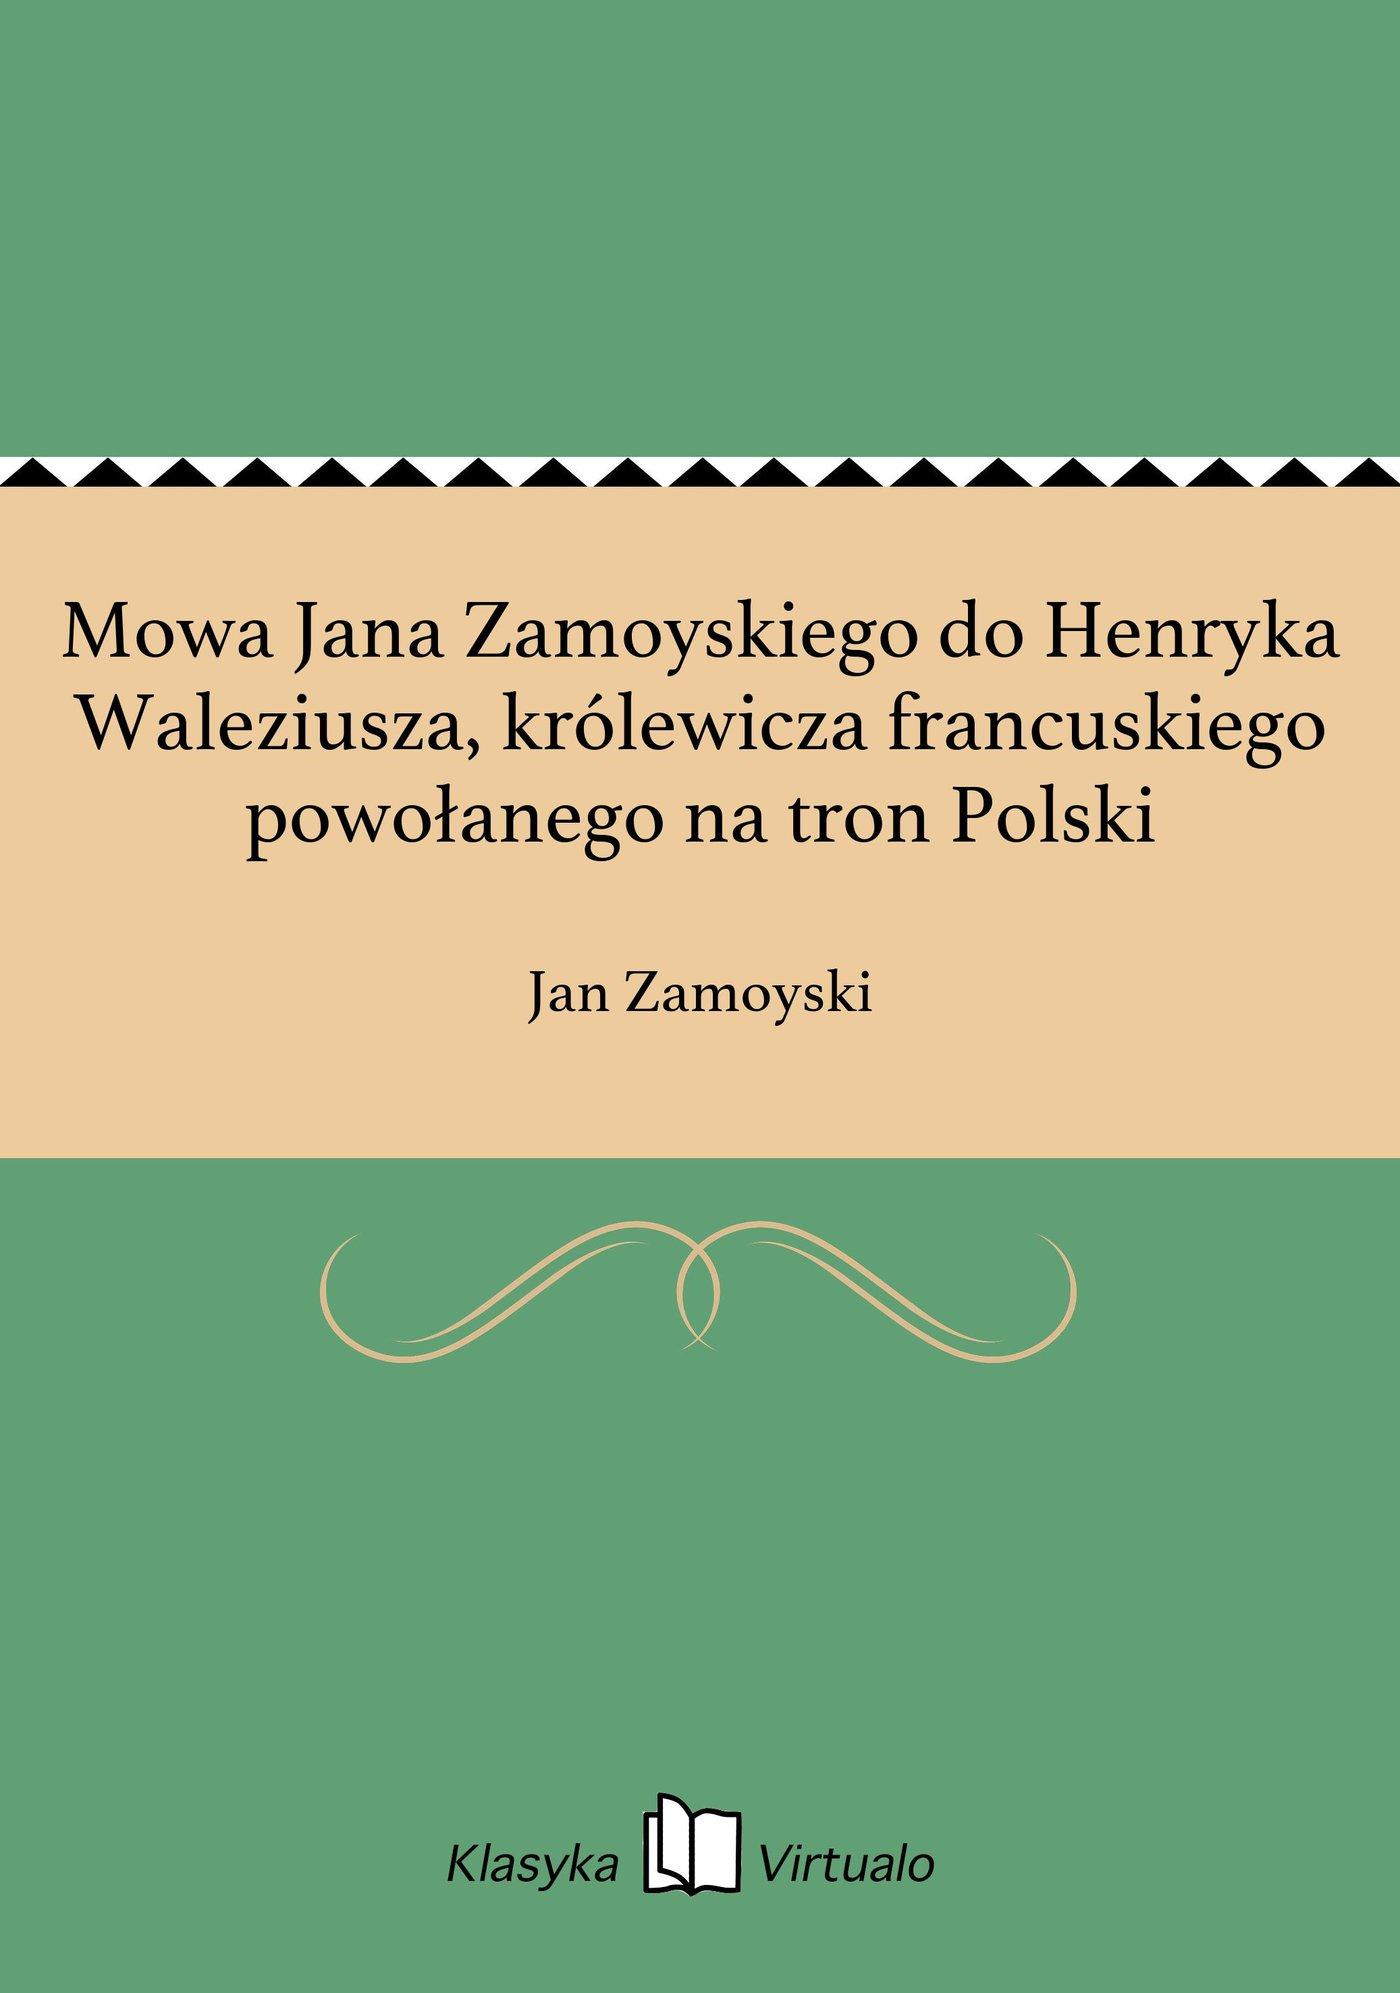 Mowa Jana Zamoyskiego do Henryka Waleziusza, królewicza francuskiego powołanego na tron Polski - Ebook (Książka na Kindle) do pobrania w formacie MOBI